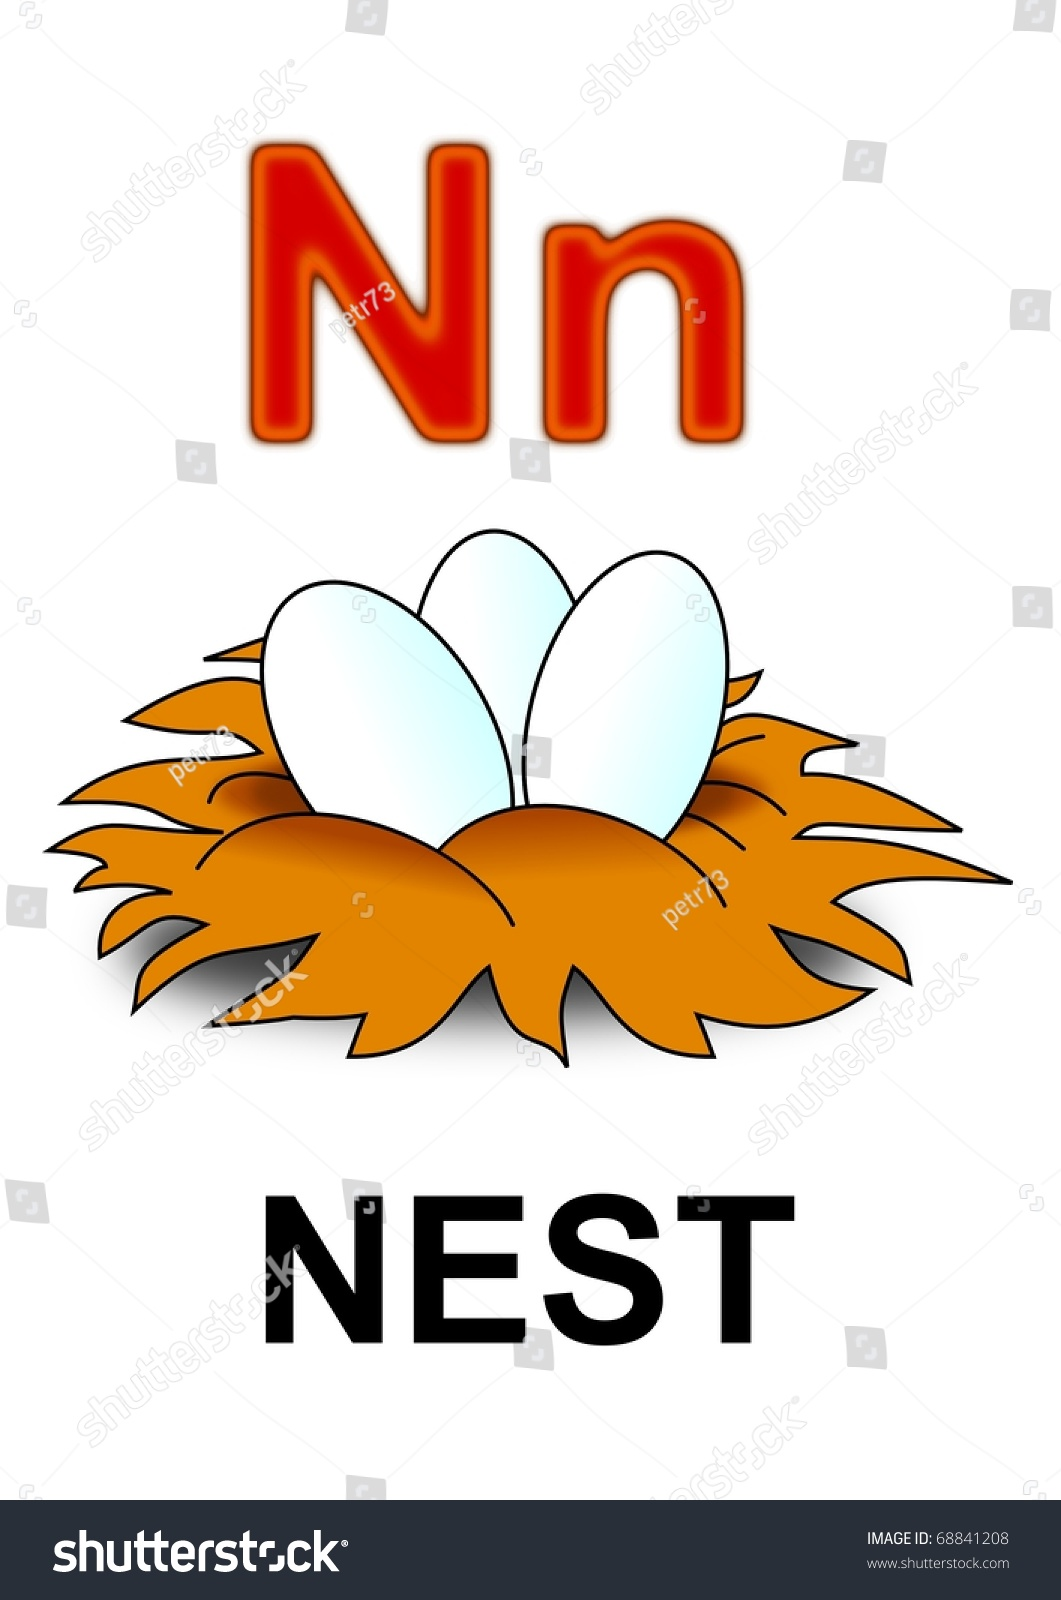 hight resolution of letter n nest